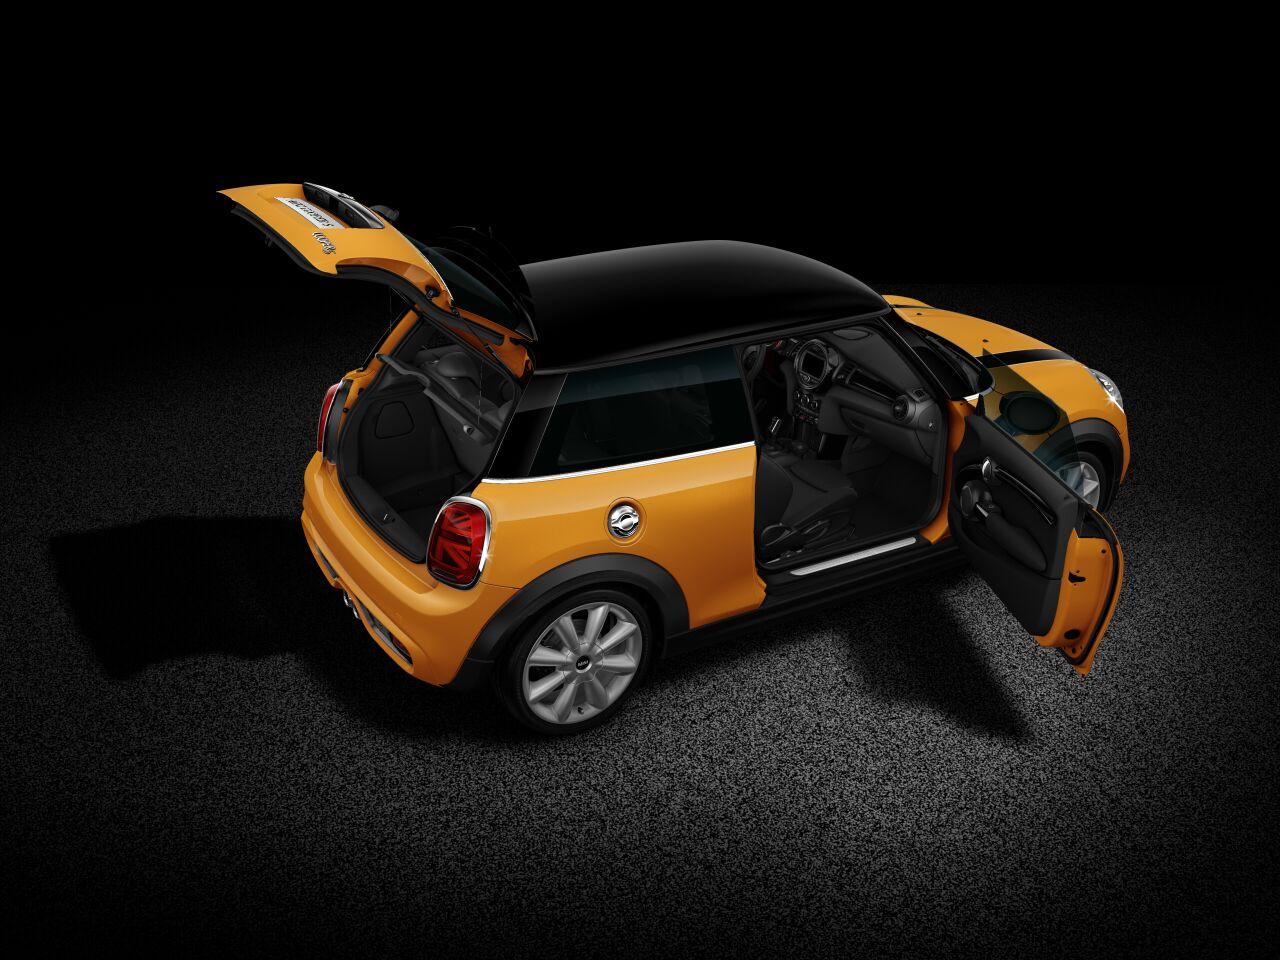 MINI Cooper S 3 Door Open Body full view